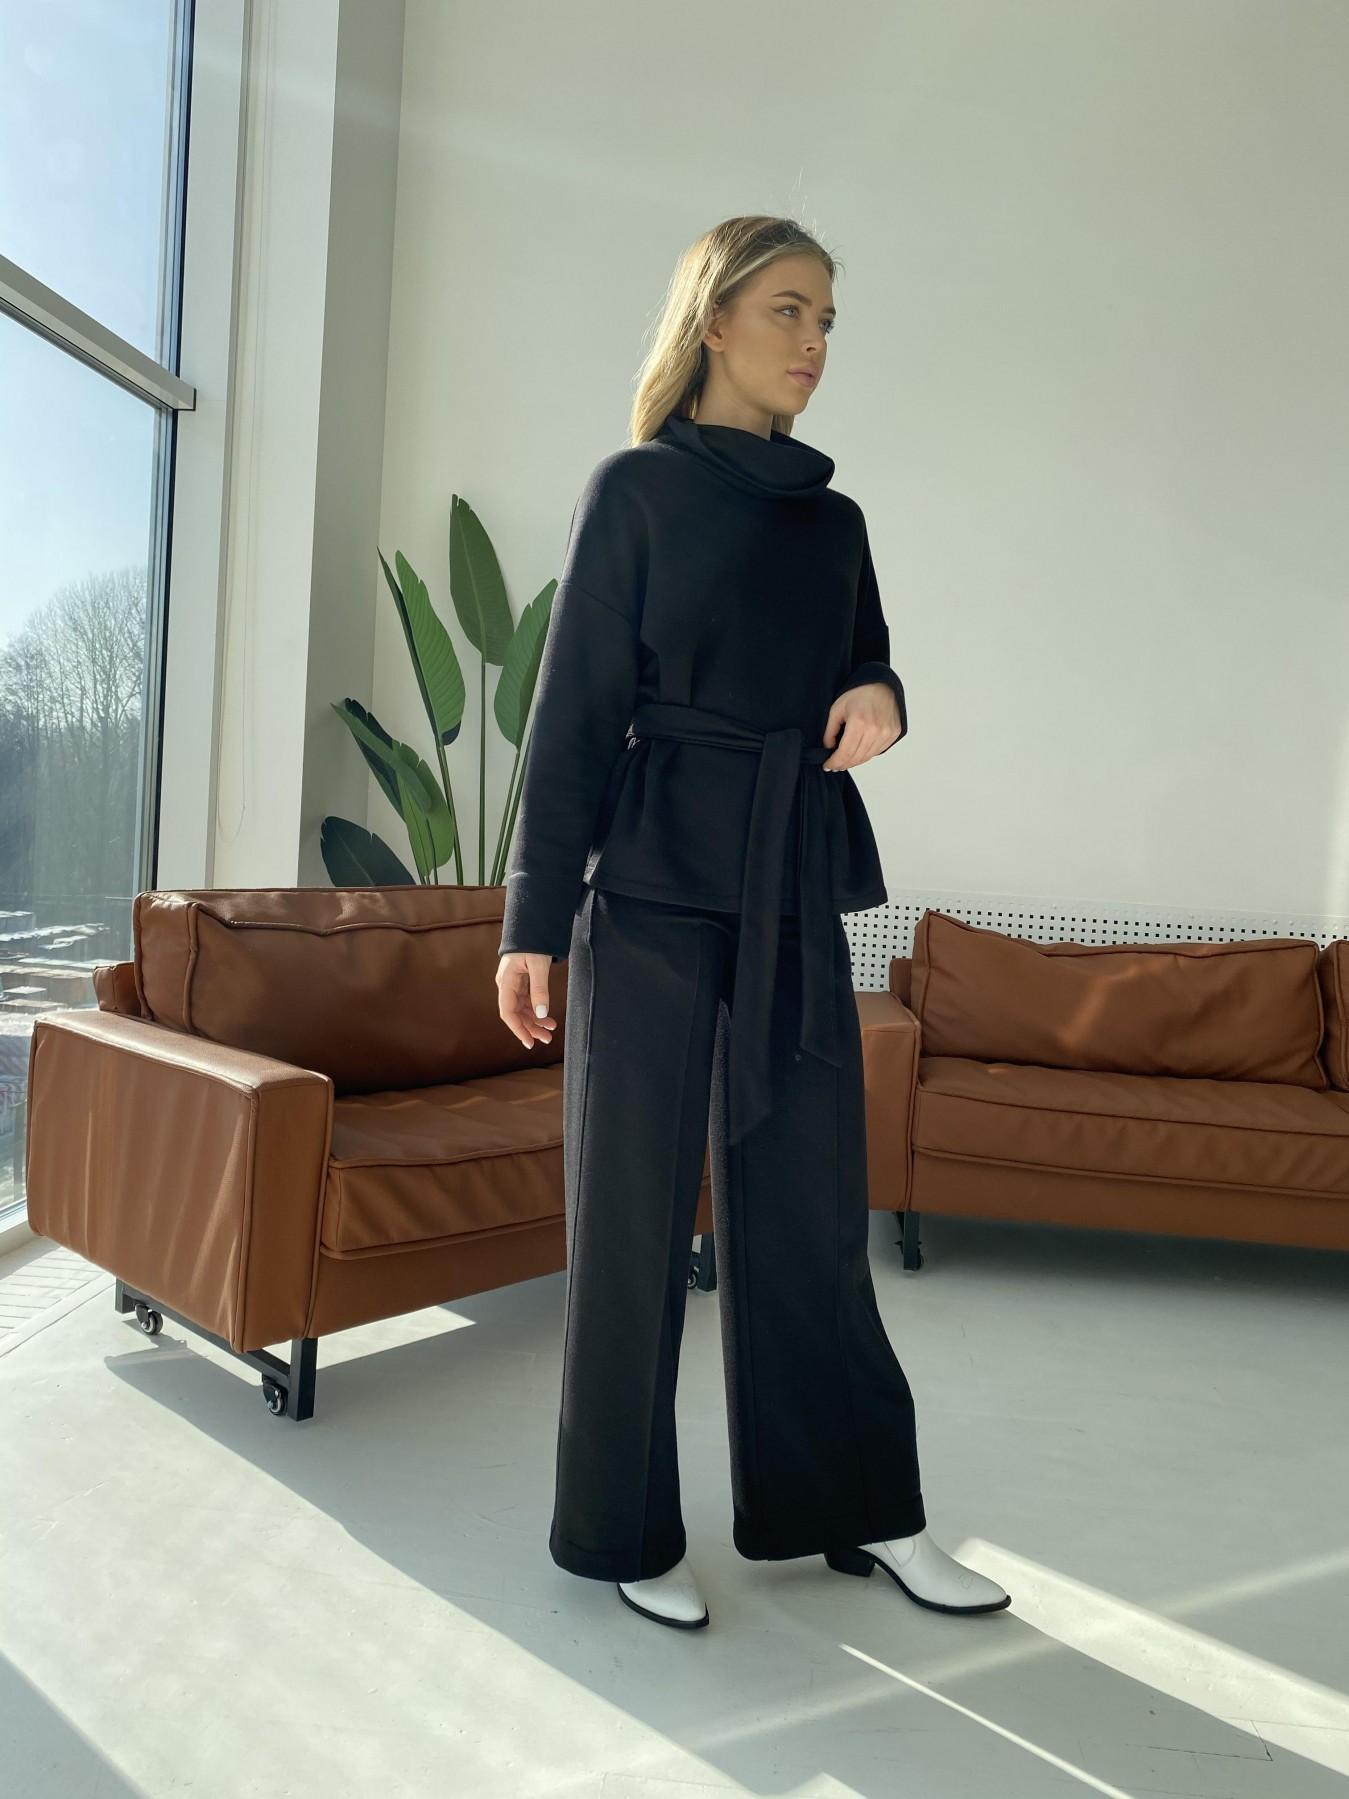 Джаст костюм Oversize  3х нитка 10564 АРТ. 47243 Цвет: Черный - фото 3, интернет магазин tm-modus.ru